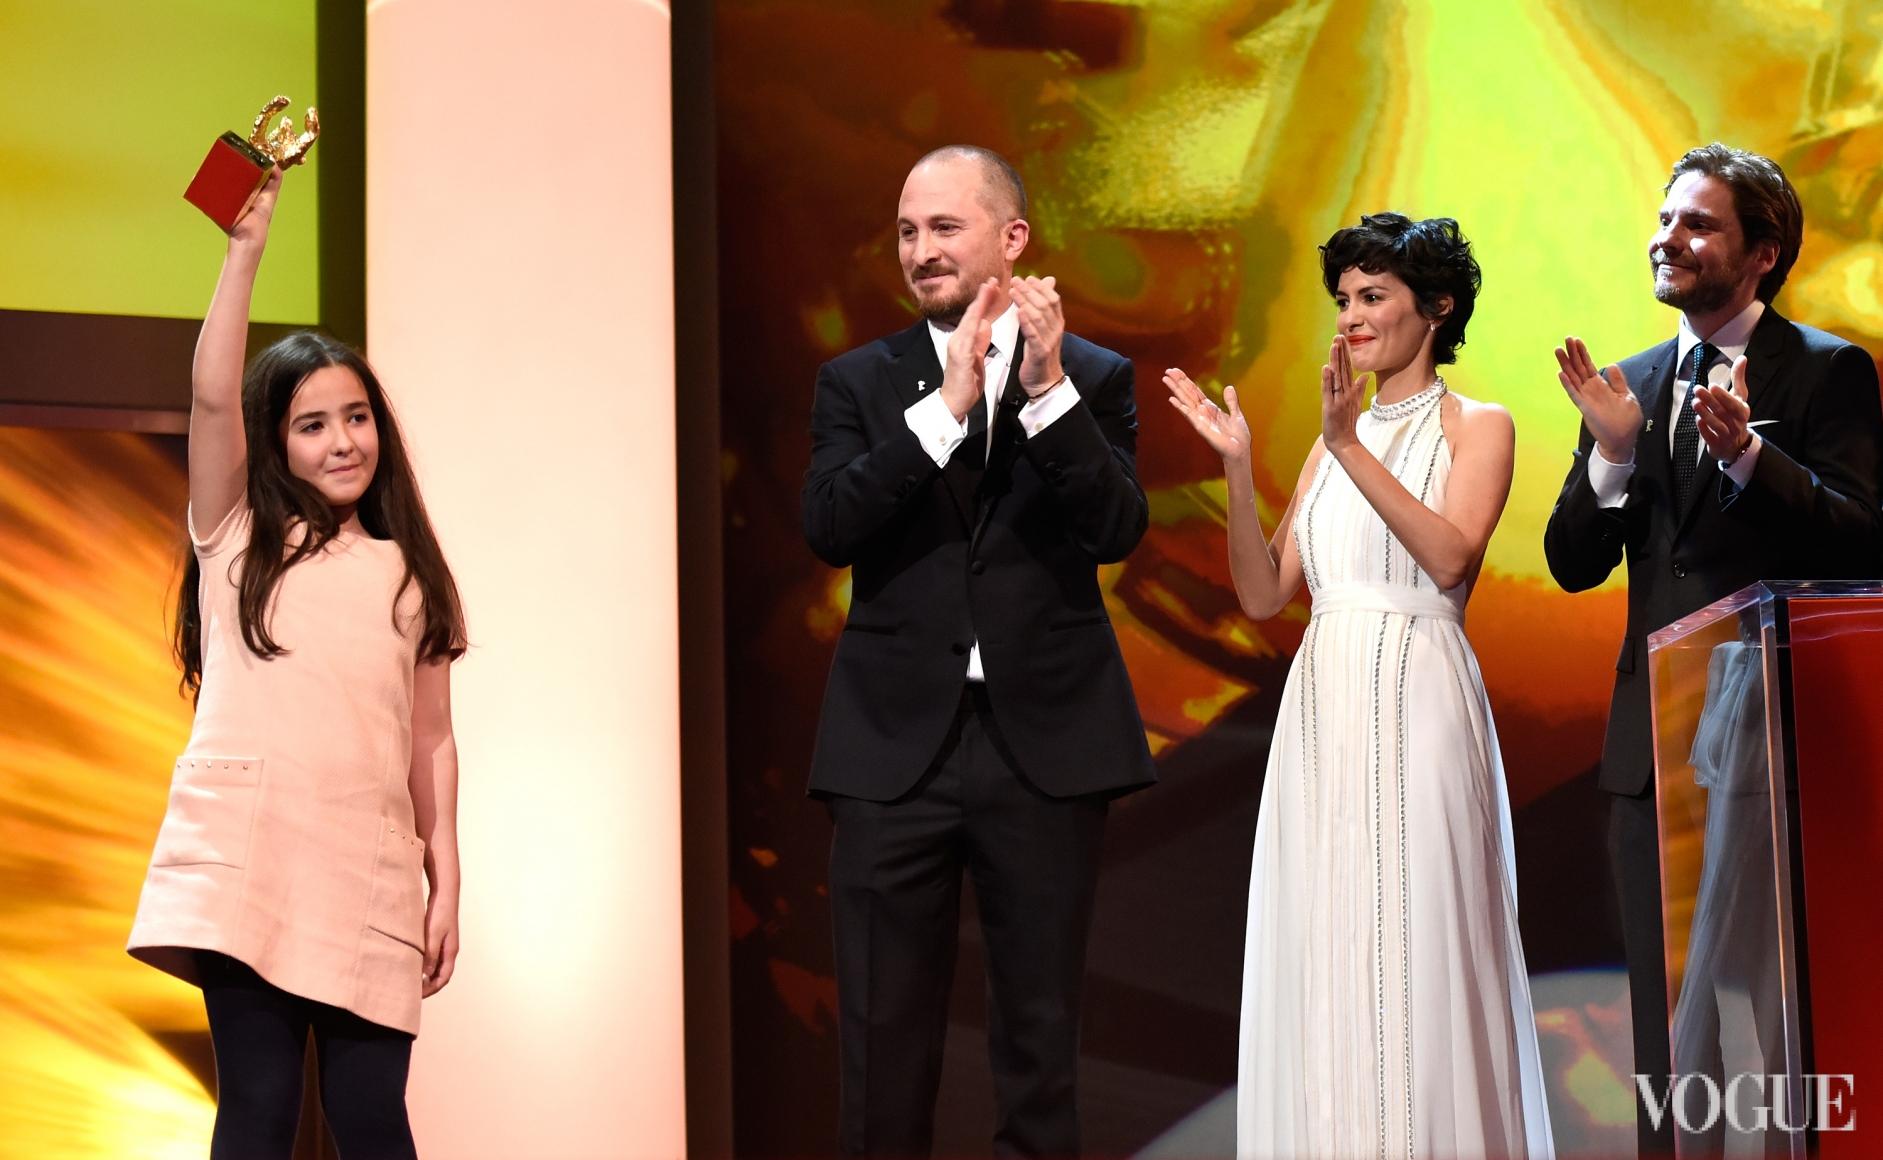 Ханна Саеди получает главный приз фестиваля за своего дядю, режиссера Джафара Панахи